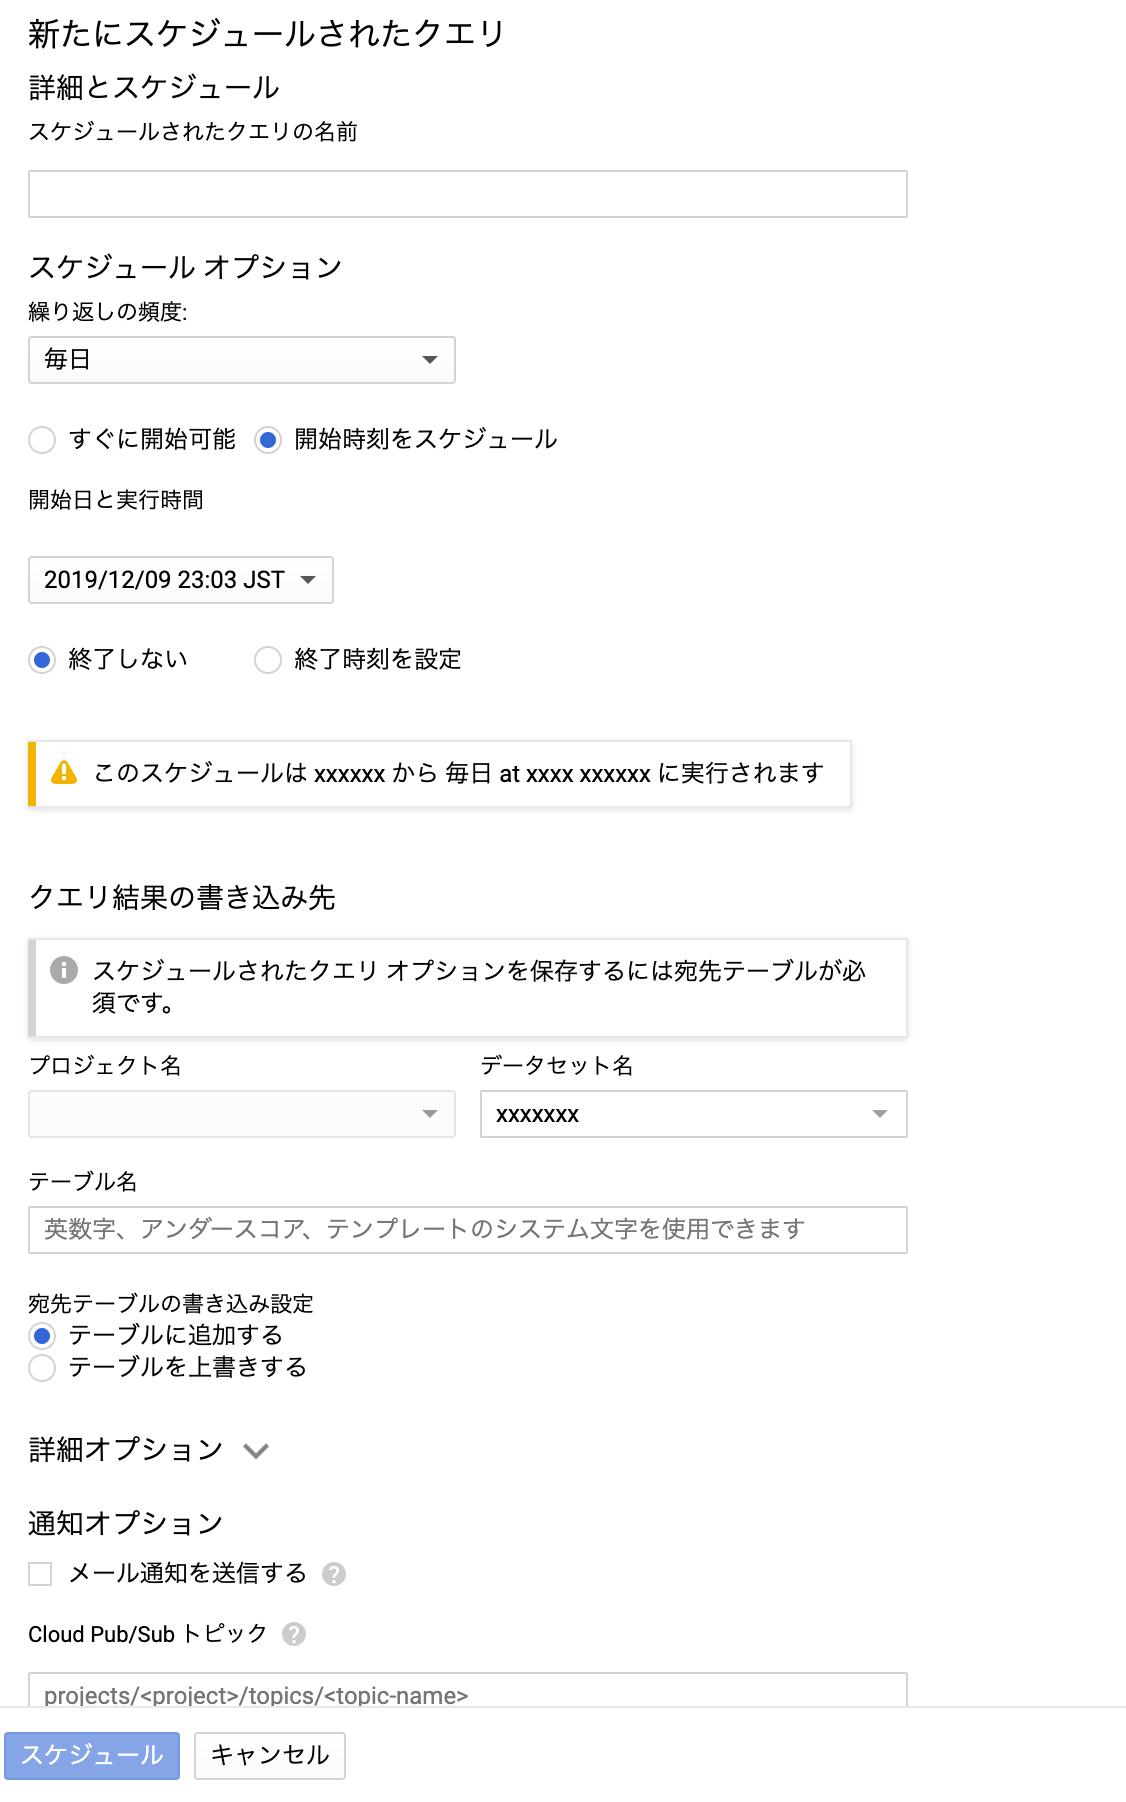 スクリーンショット 2019-12-09 23.05.18.png